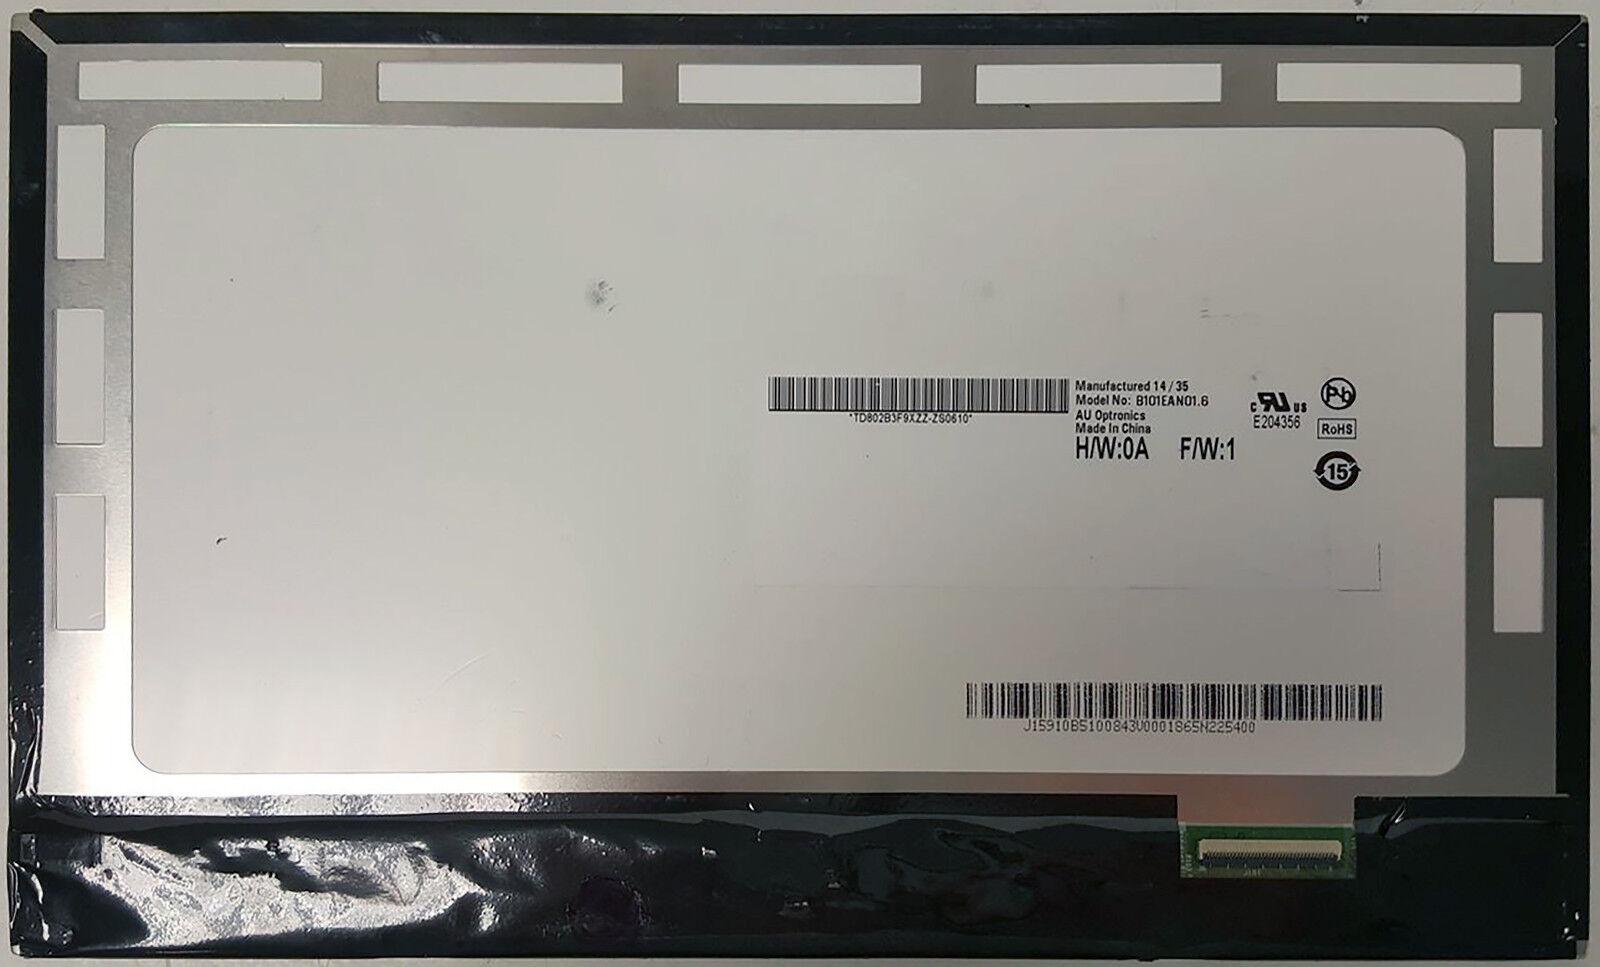 Asus Memo Pad 10 Me102 Me102a Lcd Replacement